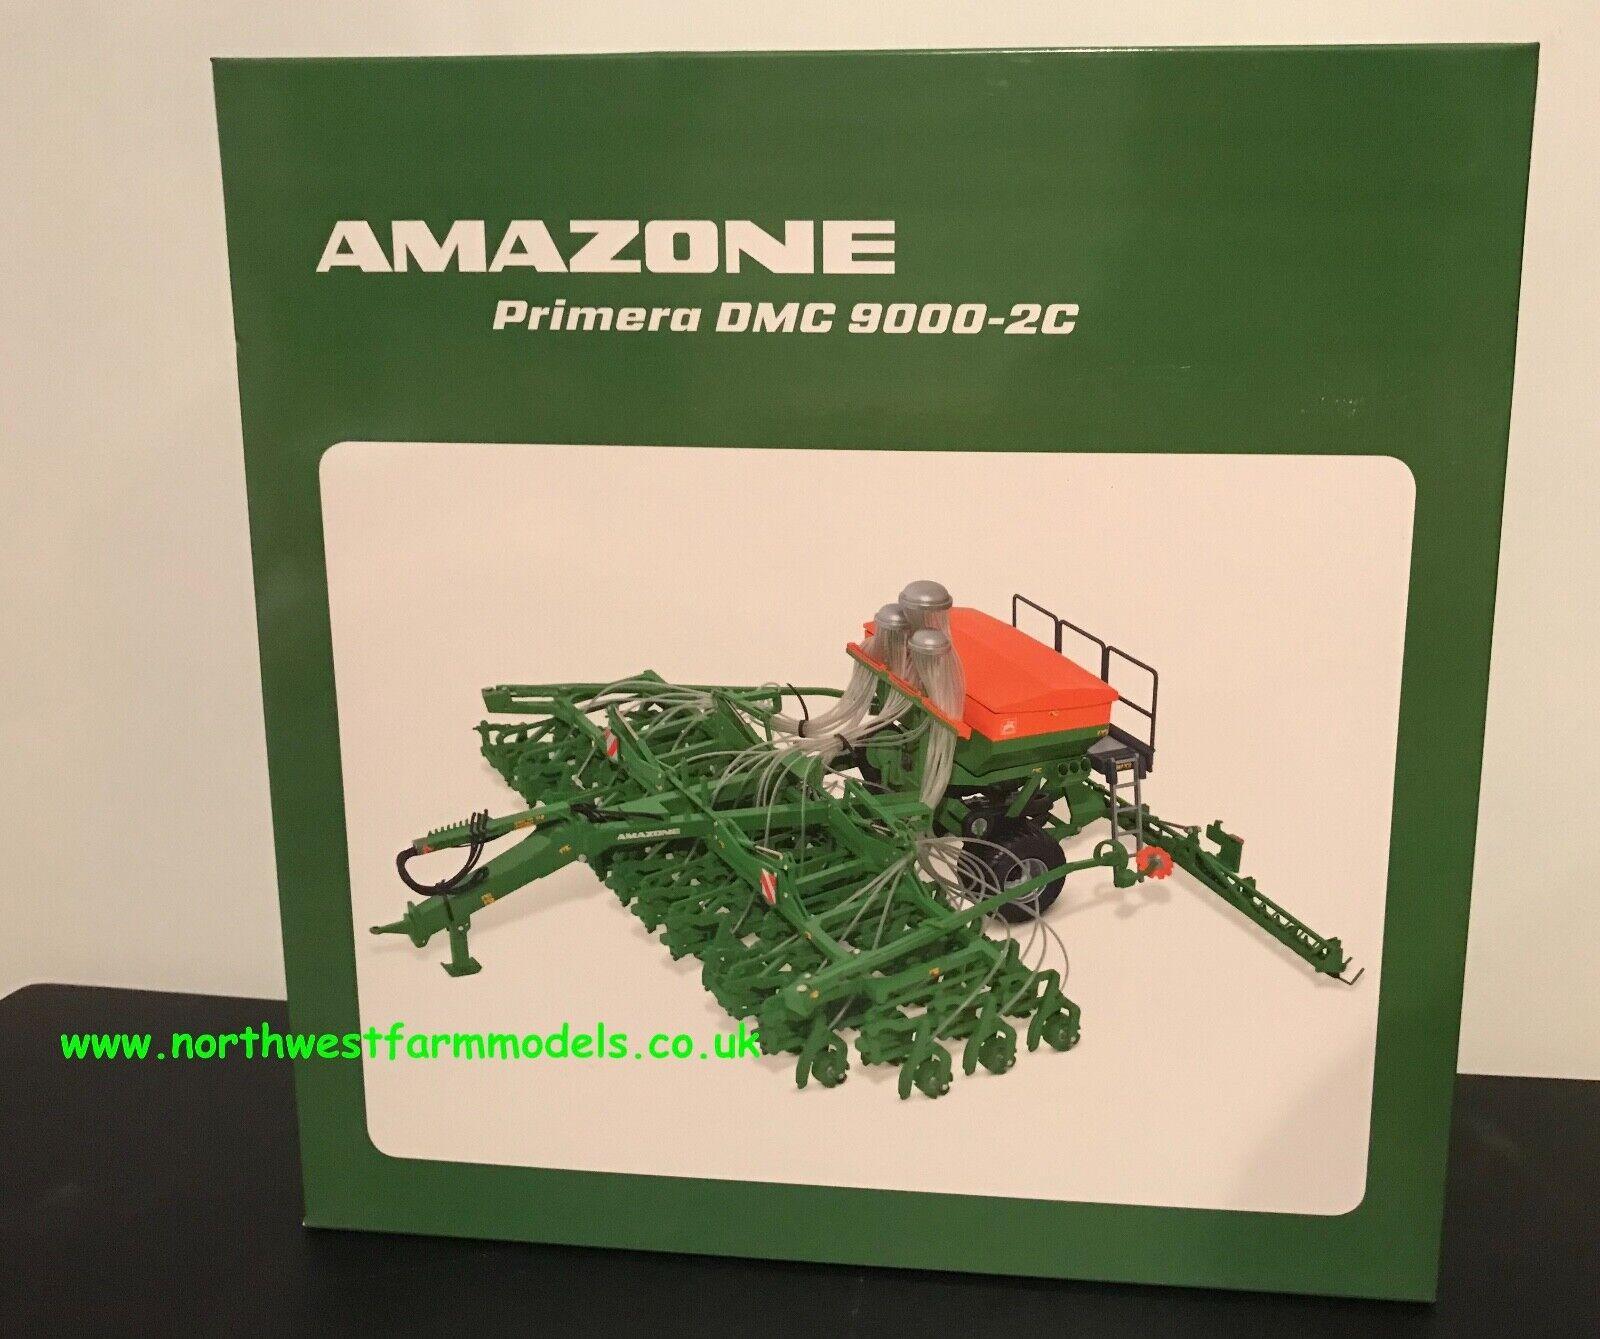 ROS 1 32 échelle 601581 Amazone Primera DMC 9000-2 C Perceuse  Nouveau